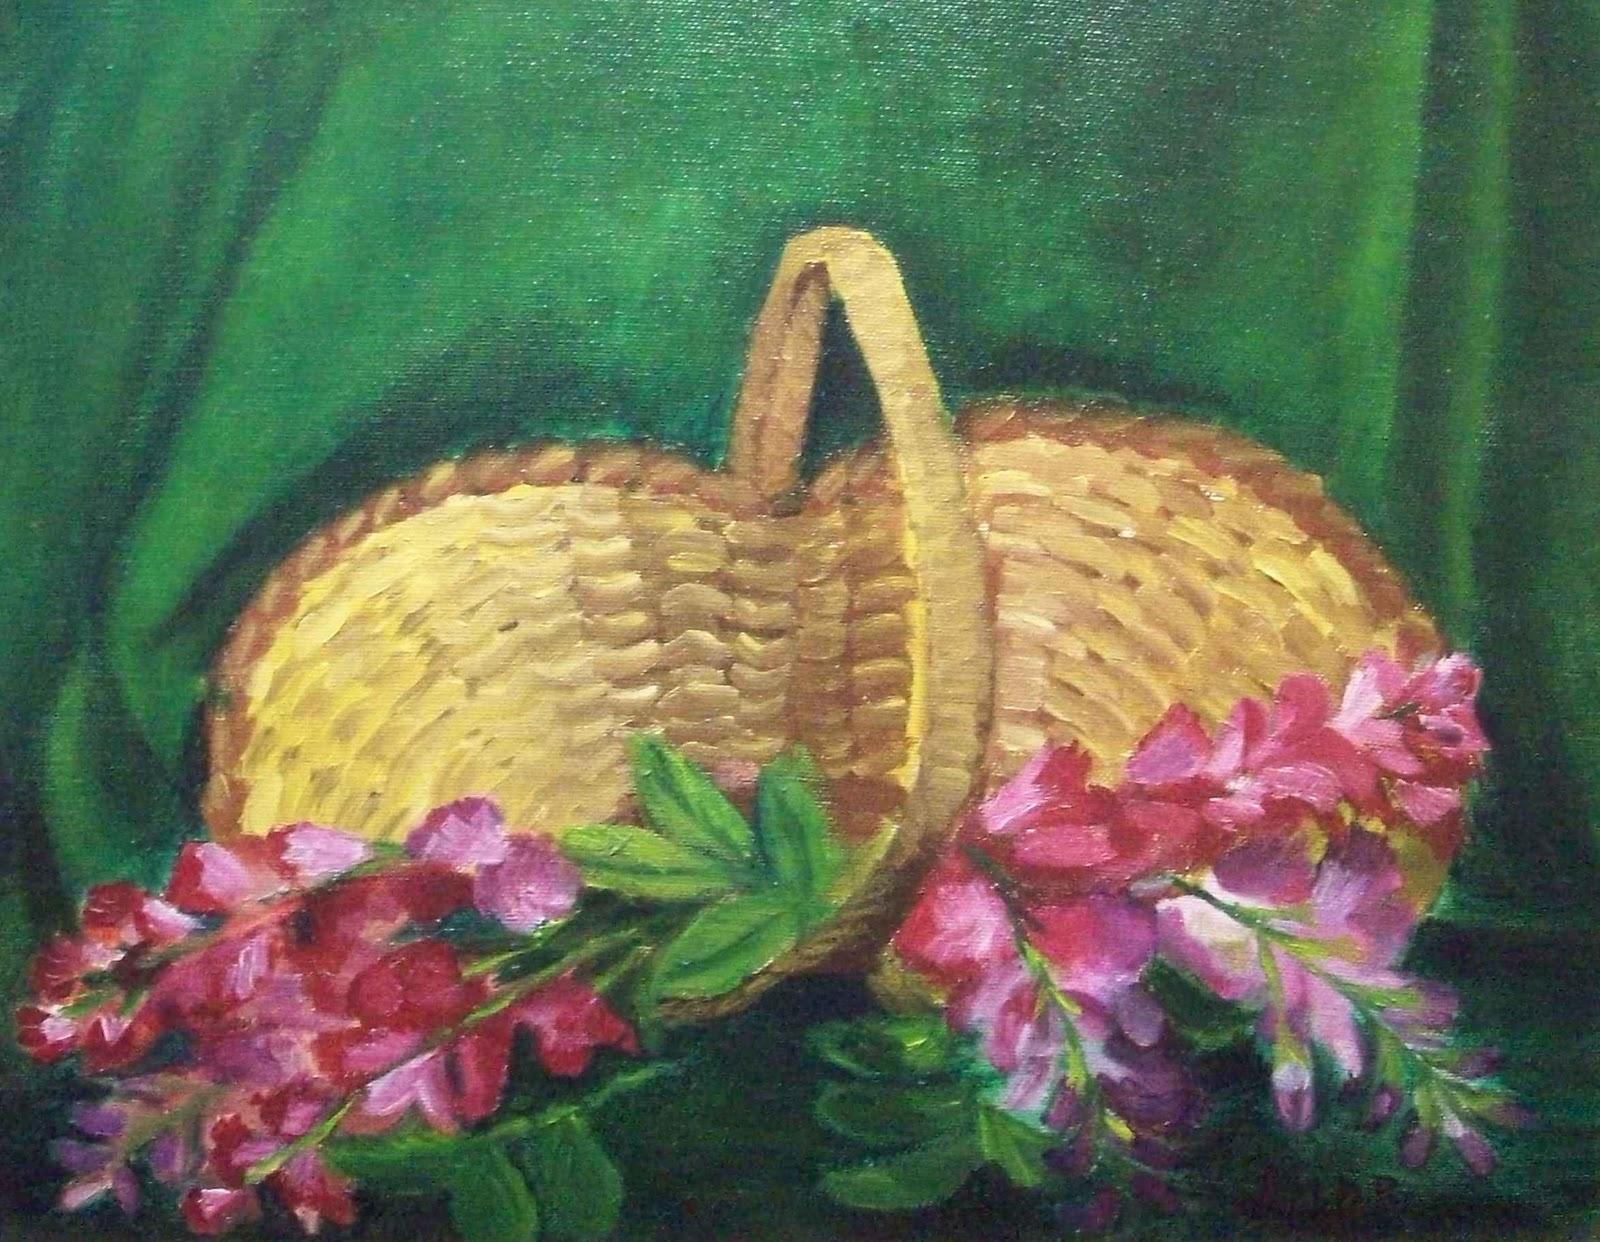 Asombroso Flores Del Arte Del Uña Festooning - Ideas de Pintar de ...